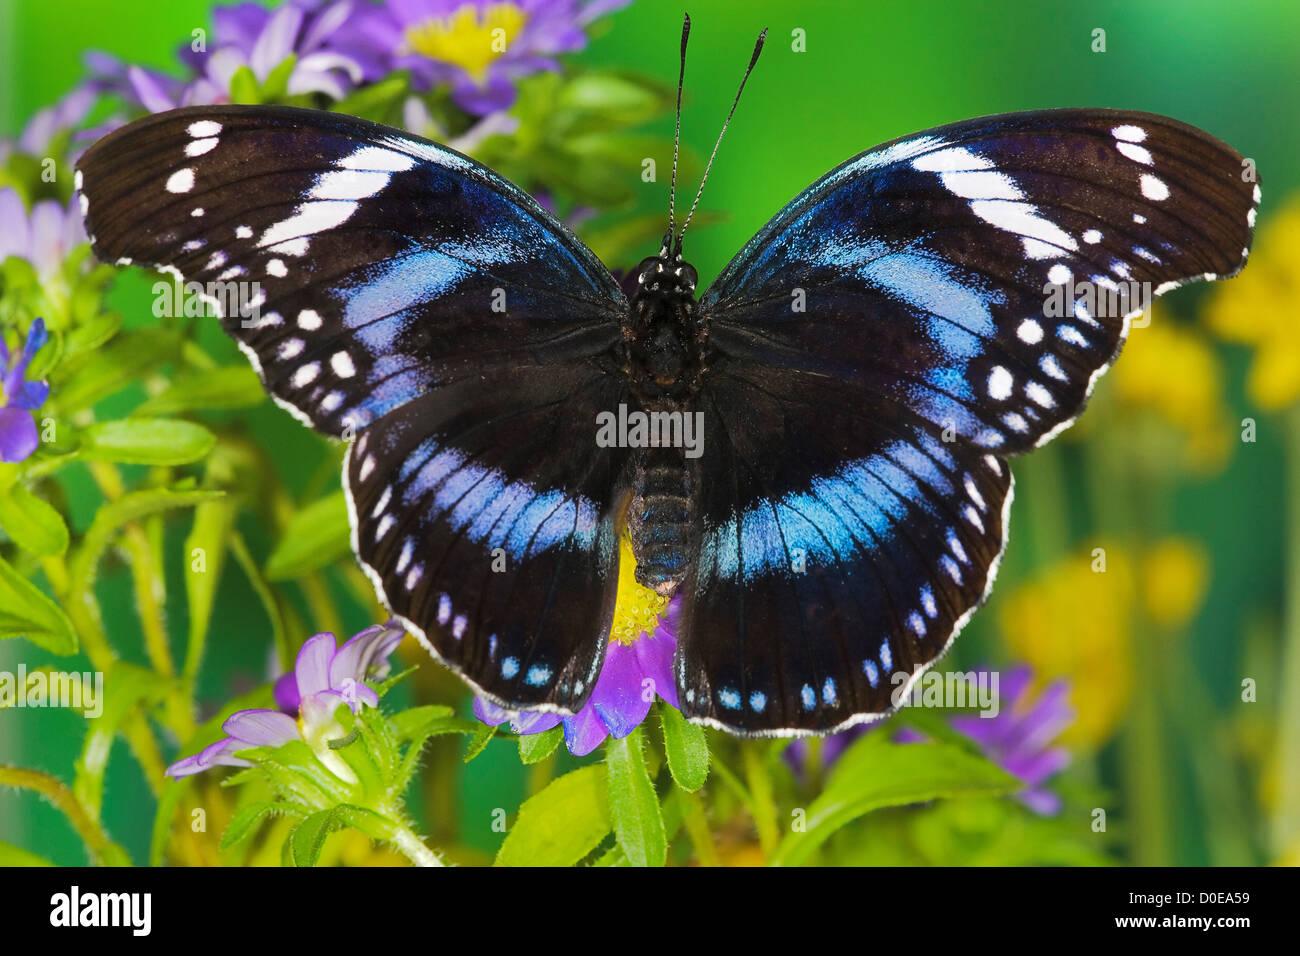 Bộ sưu tập cánh vẩy 6 - Page 14 Black-tipped-diadem-butterfly-D0EA59